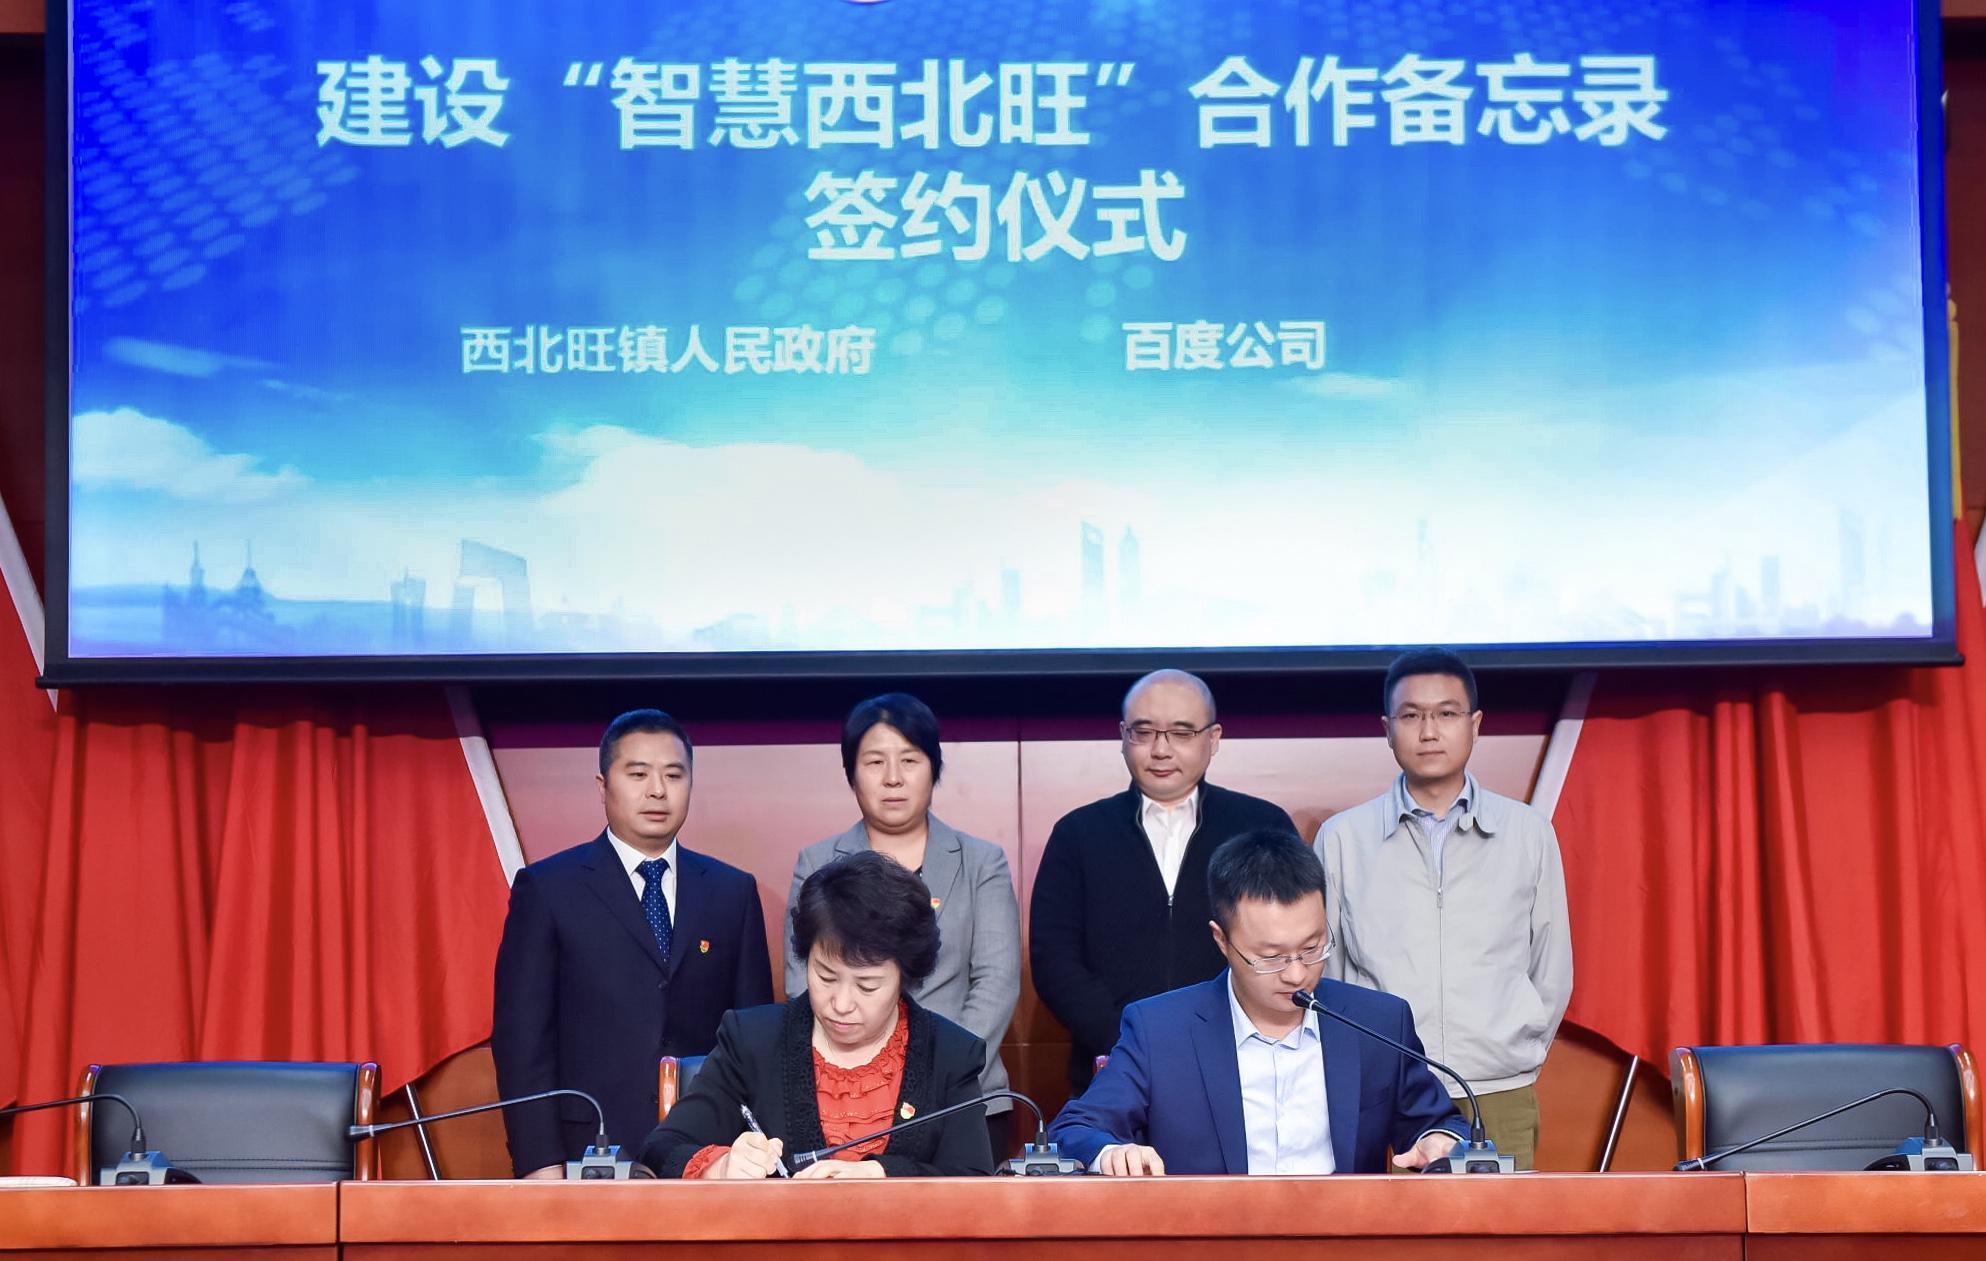 百度签约北京西北旺 打造智能城镇示范区